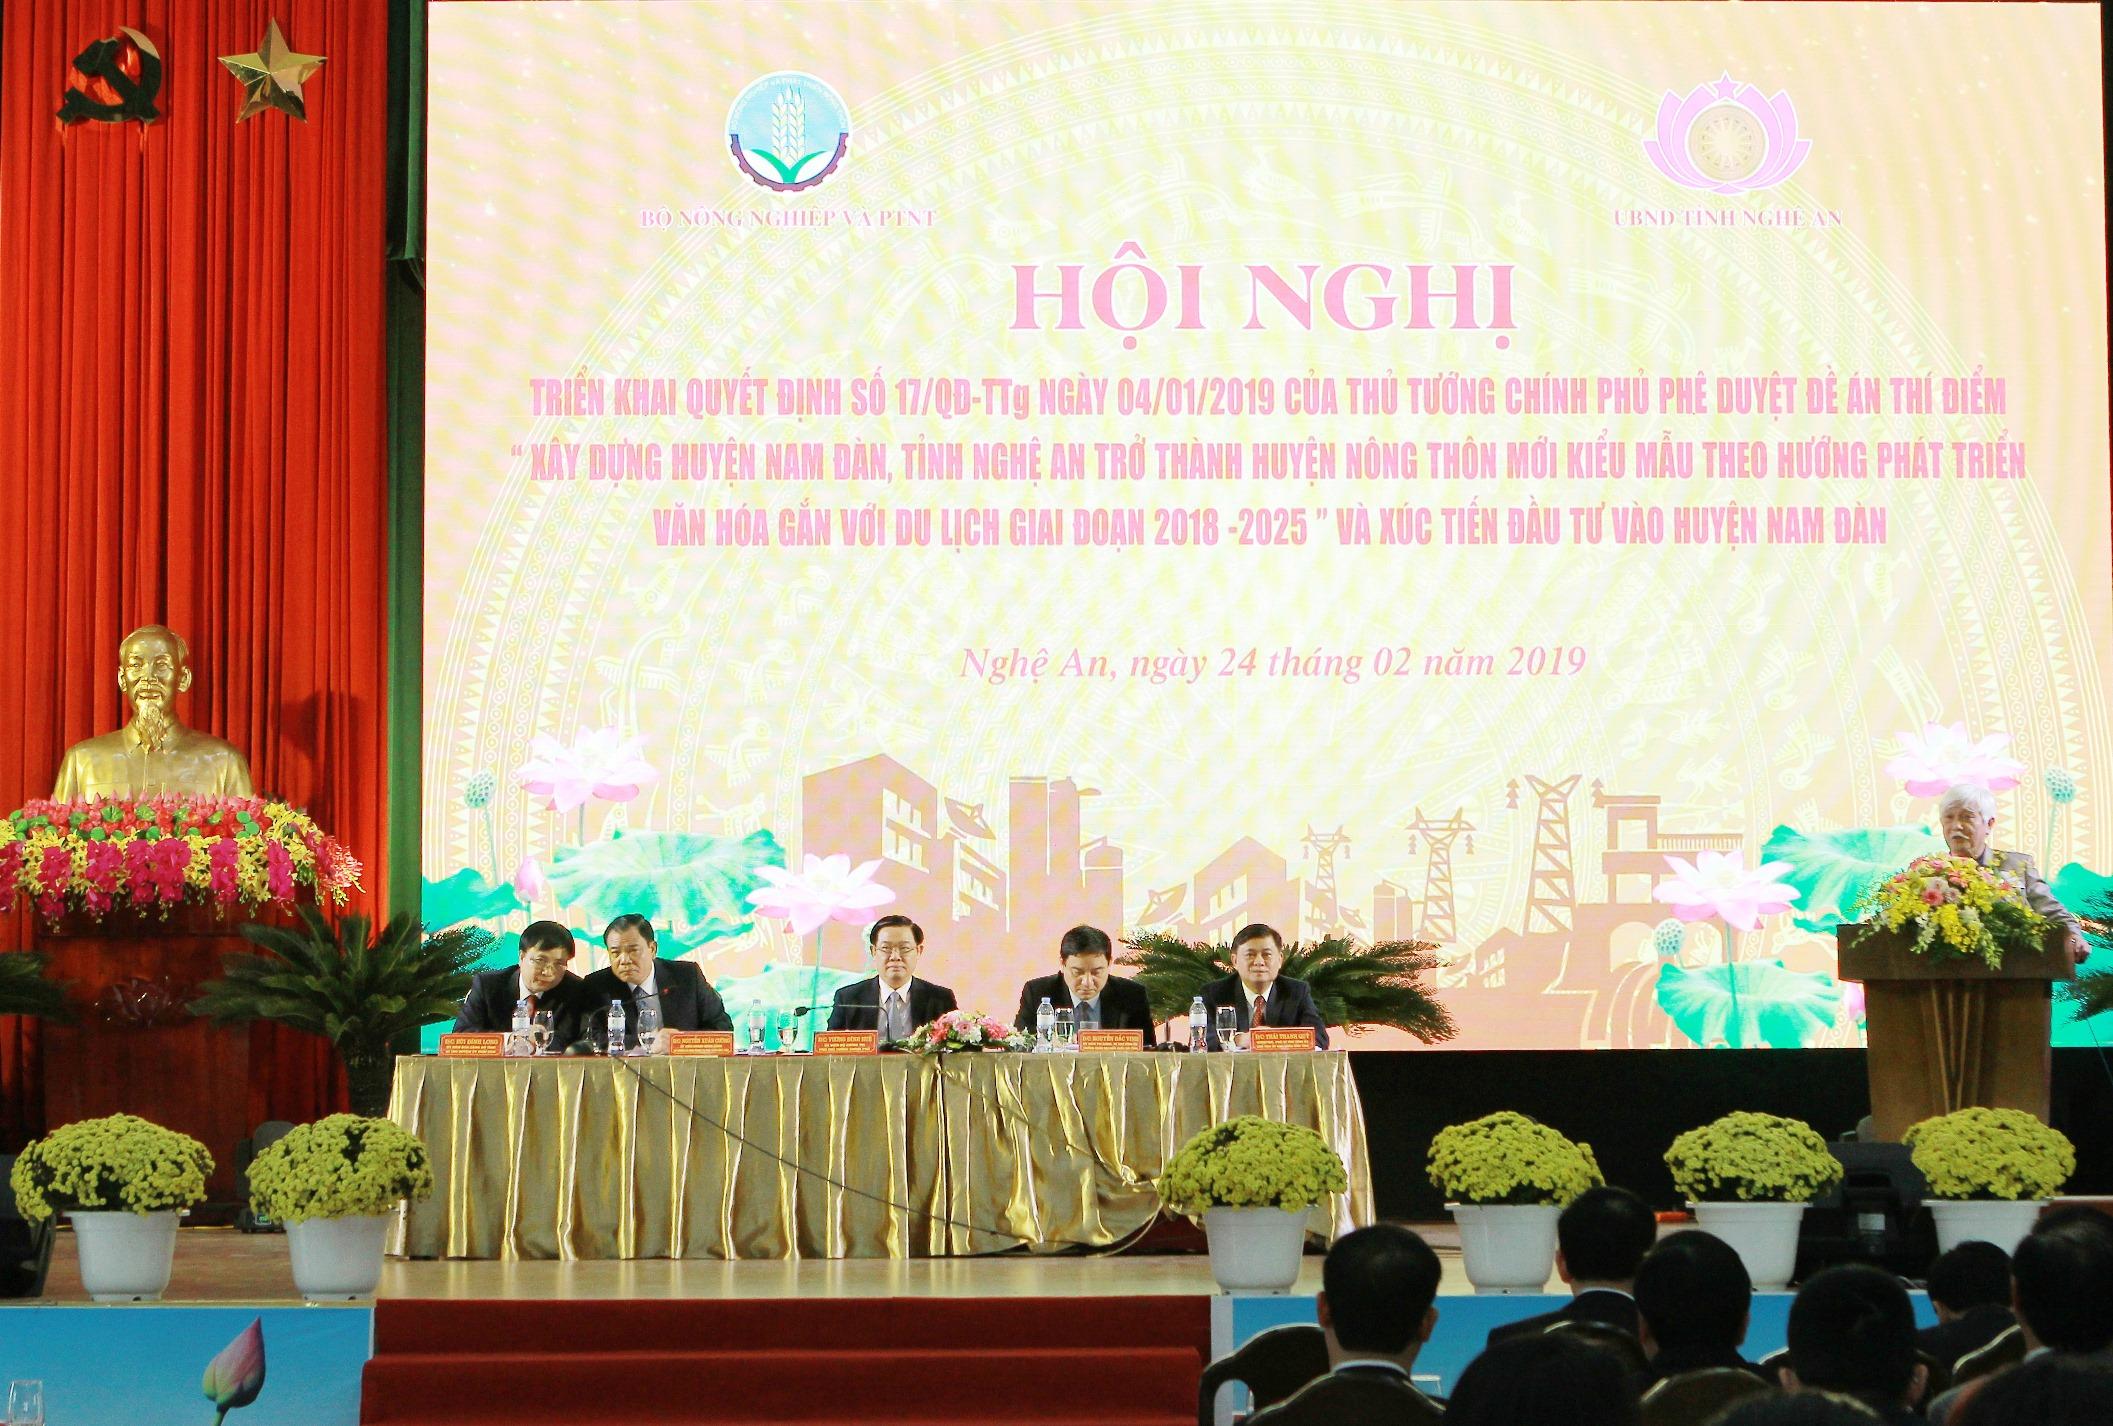 Vietcombank tài trợ 15 tỷ đồng xây dựng trường học tại huyện Nam Đàn, tỉnh Nghệ An - Ảnh 1